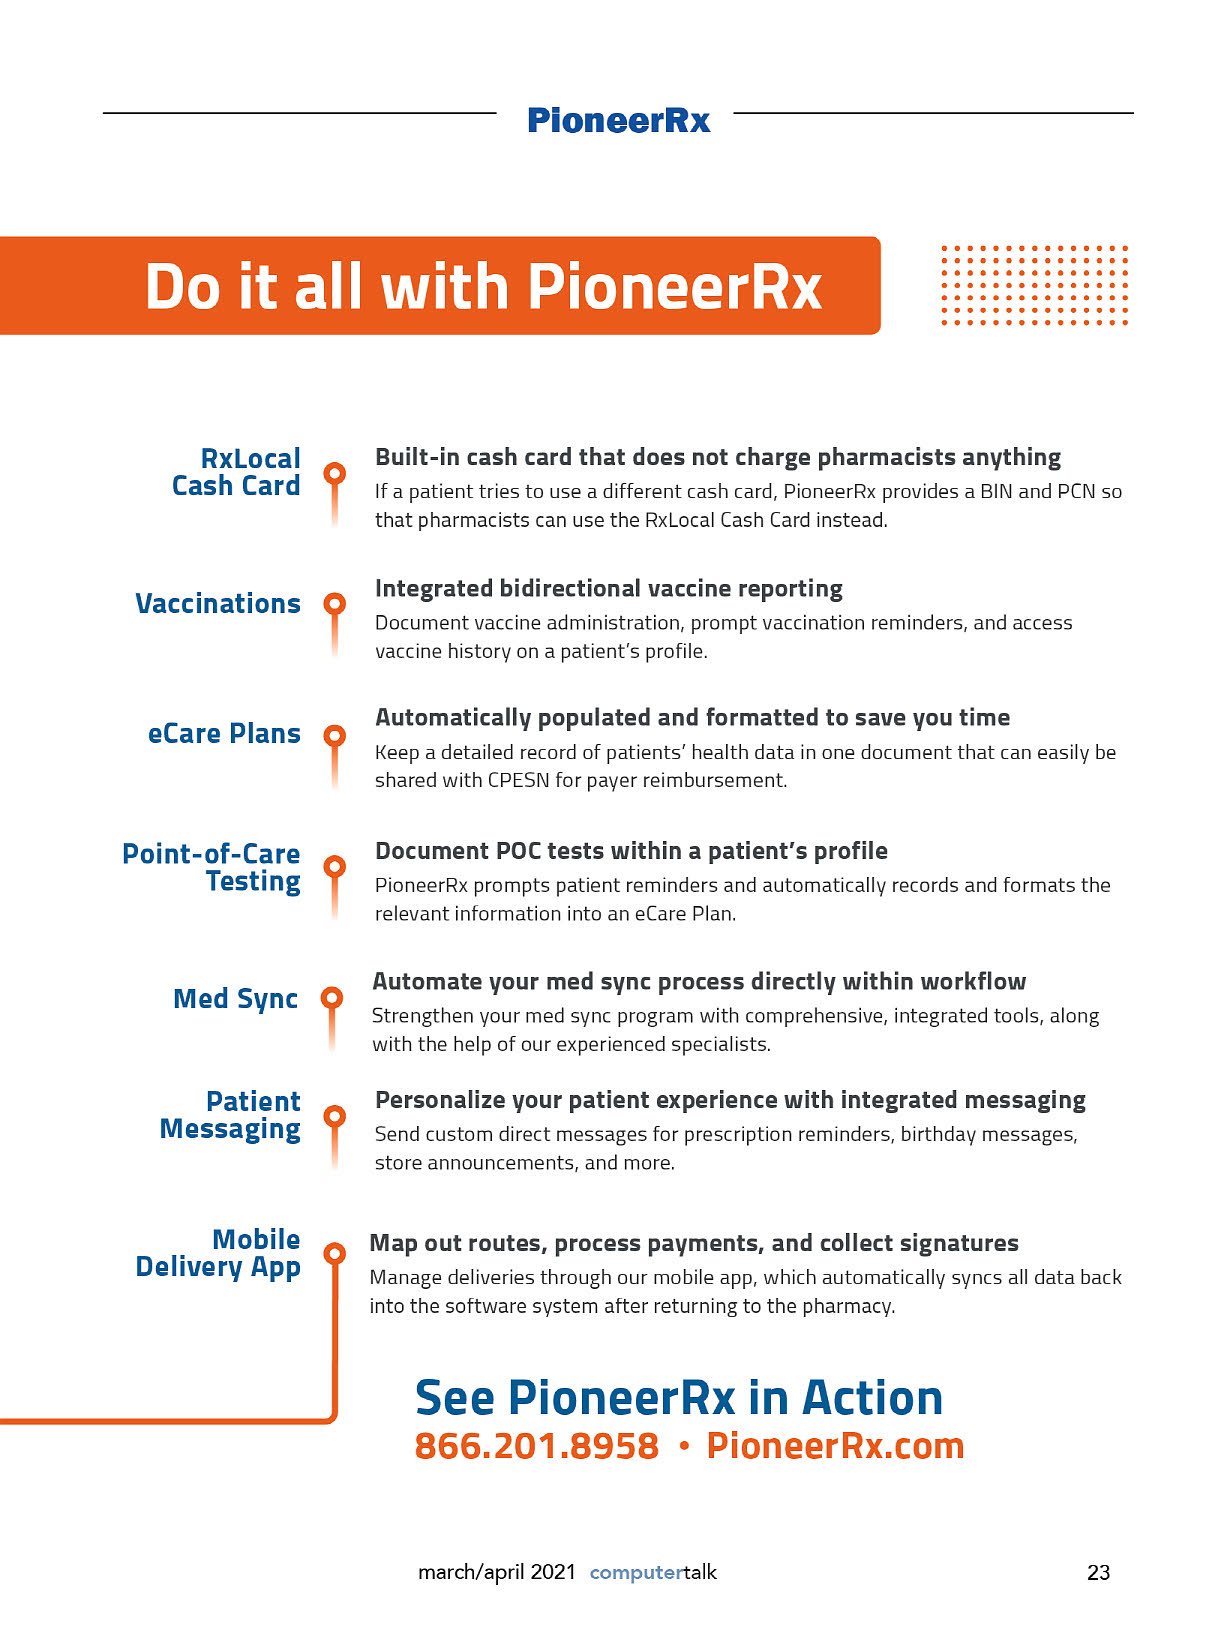 PioneerRx_ComputerTalk_Buyers-Guide_MarchApril_2021_23